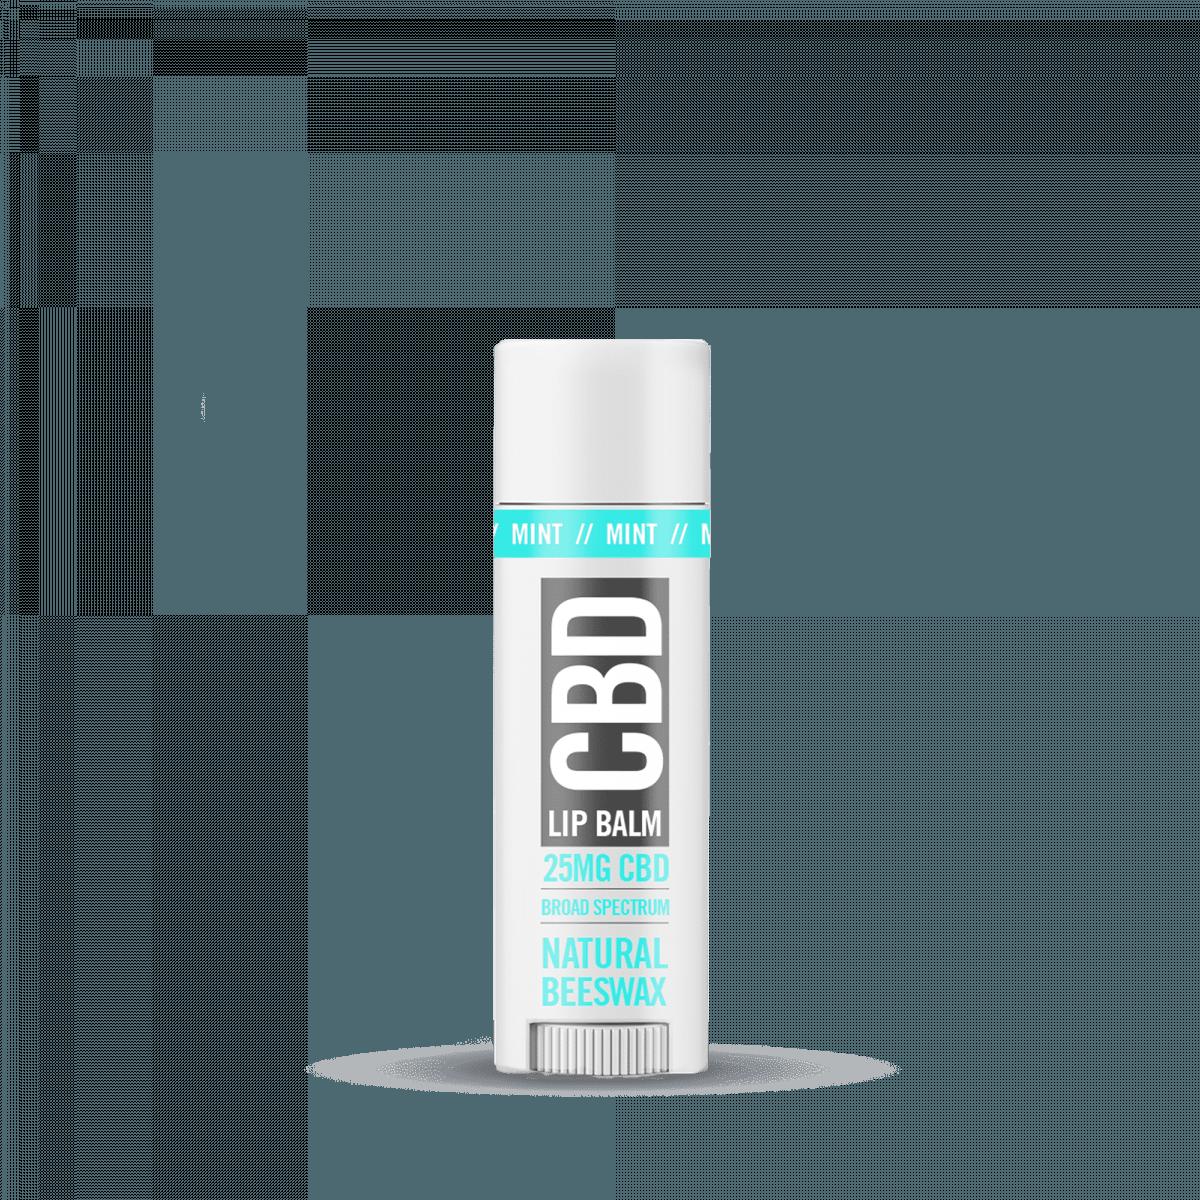 Nanocraft CBD Natural Beeswax Lip Balm